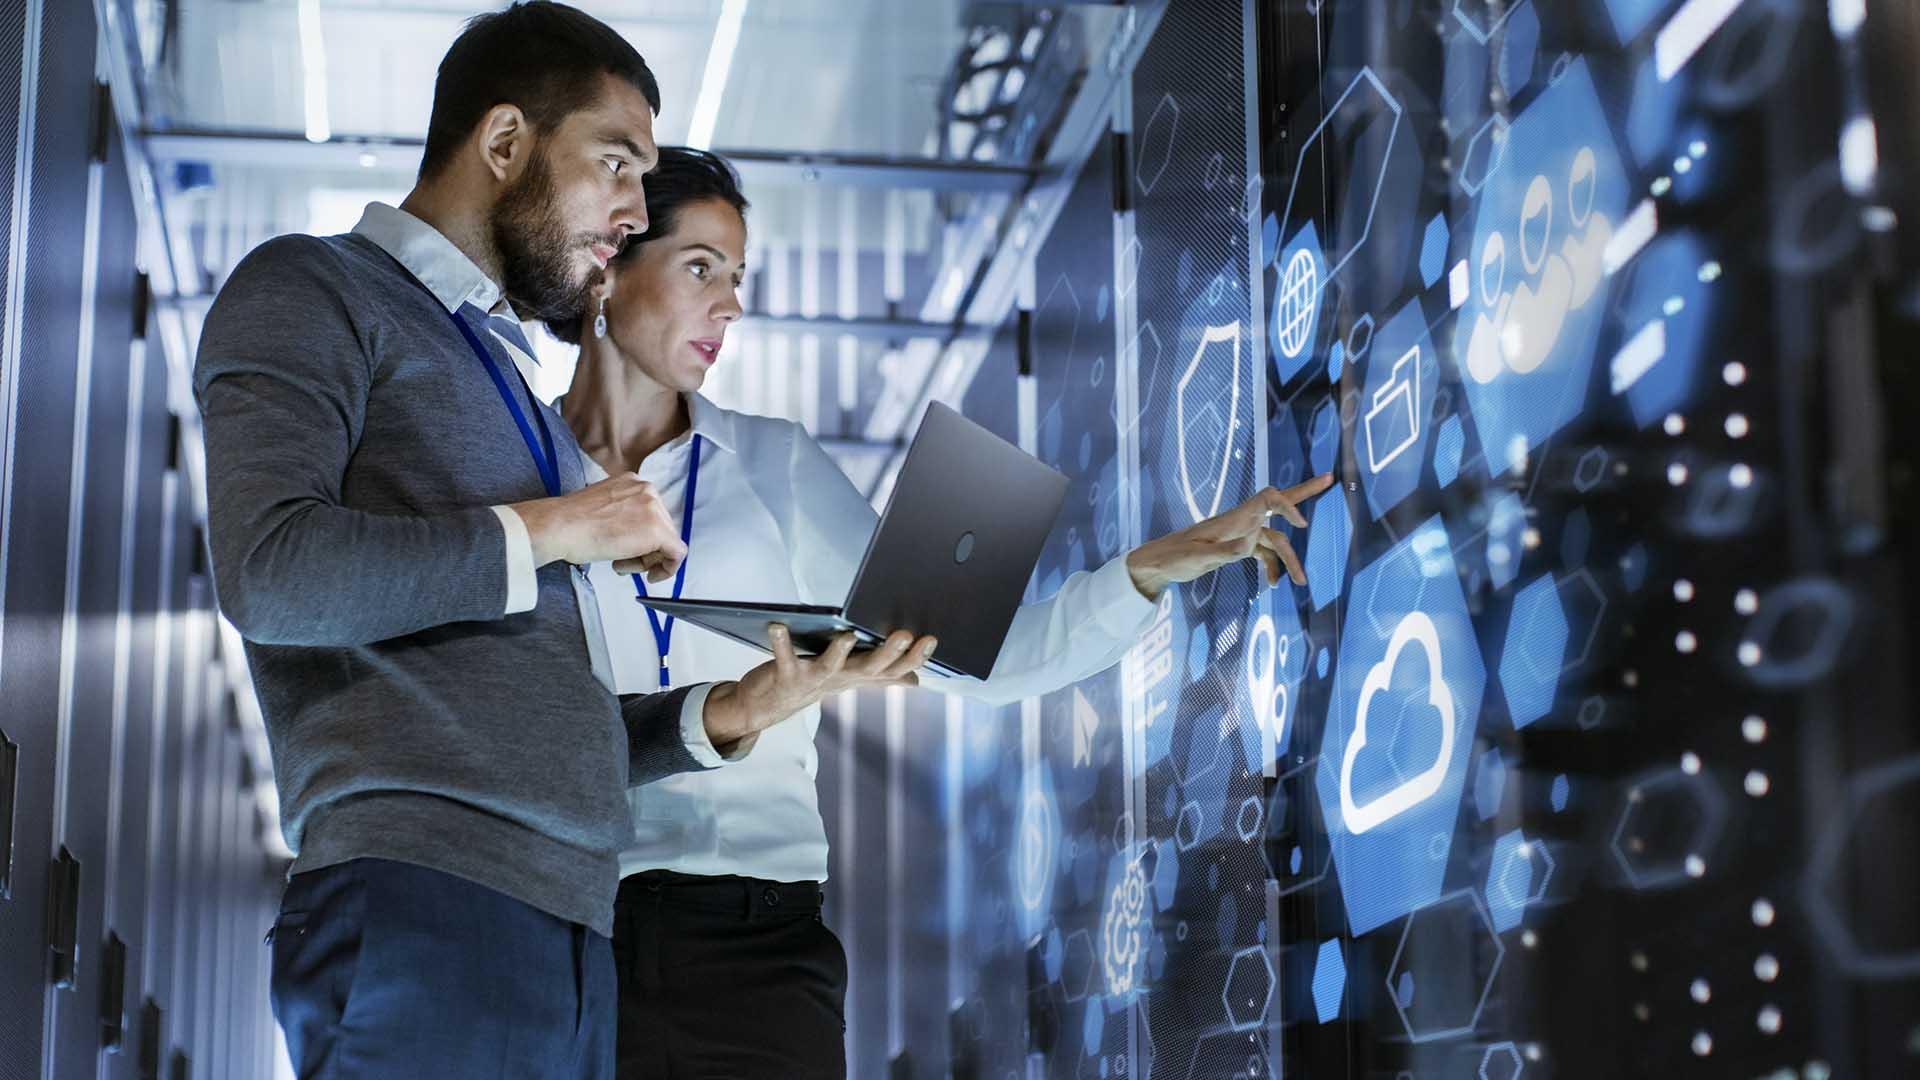 NextGen Data Center Services